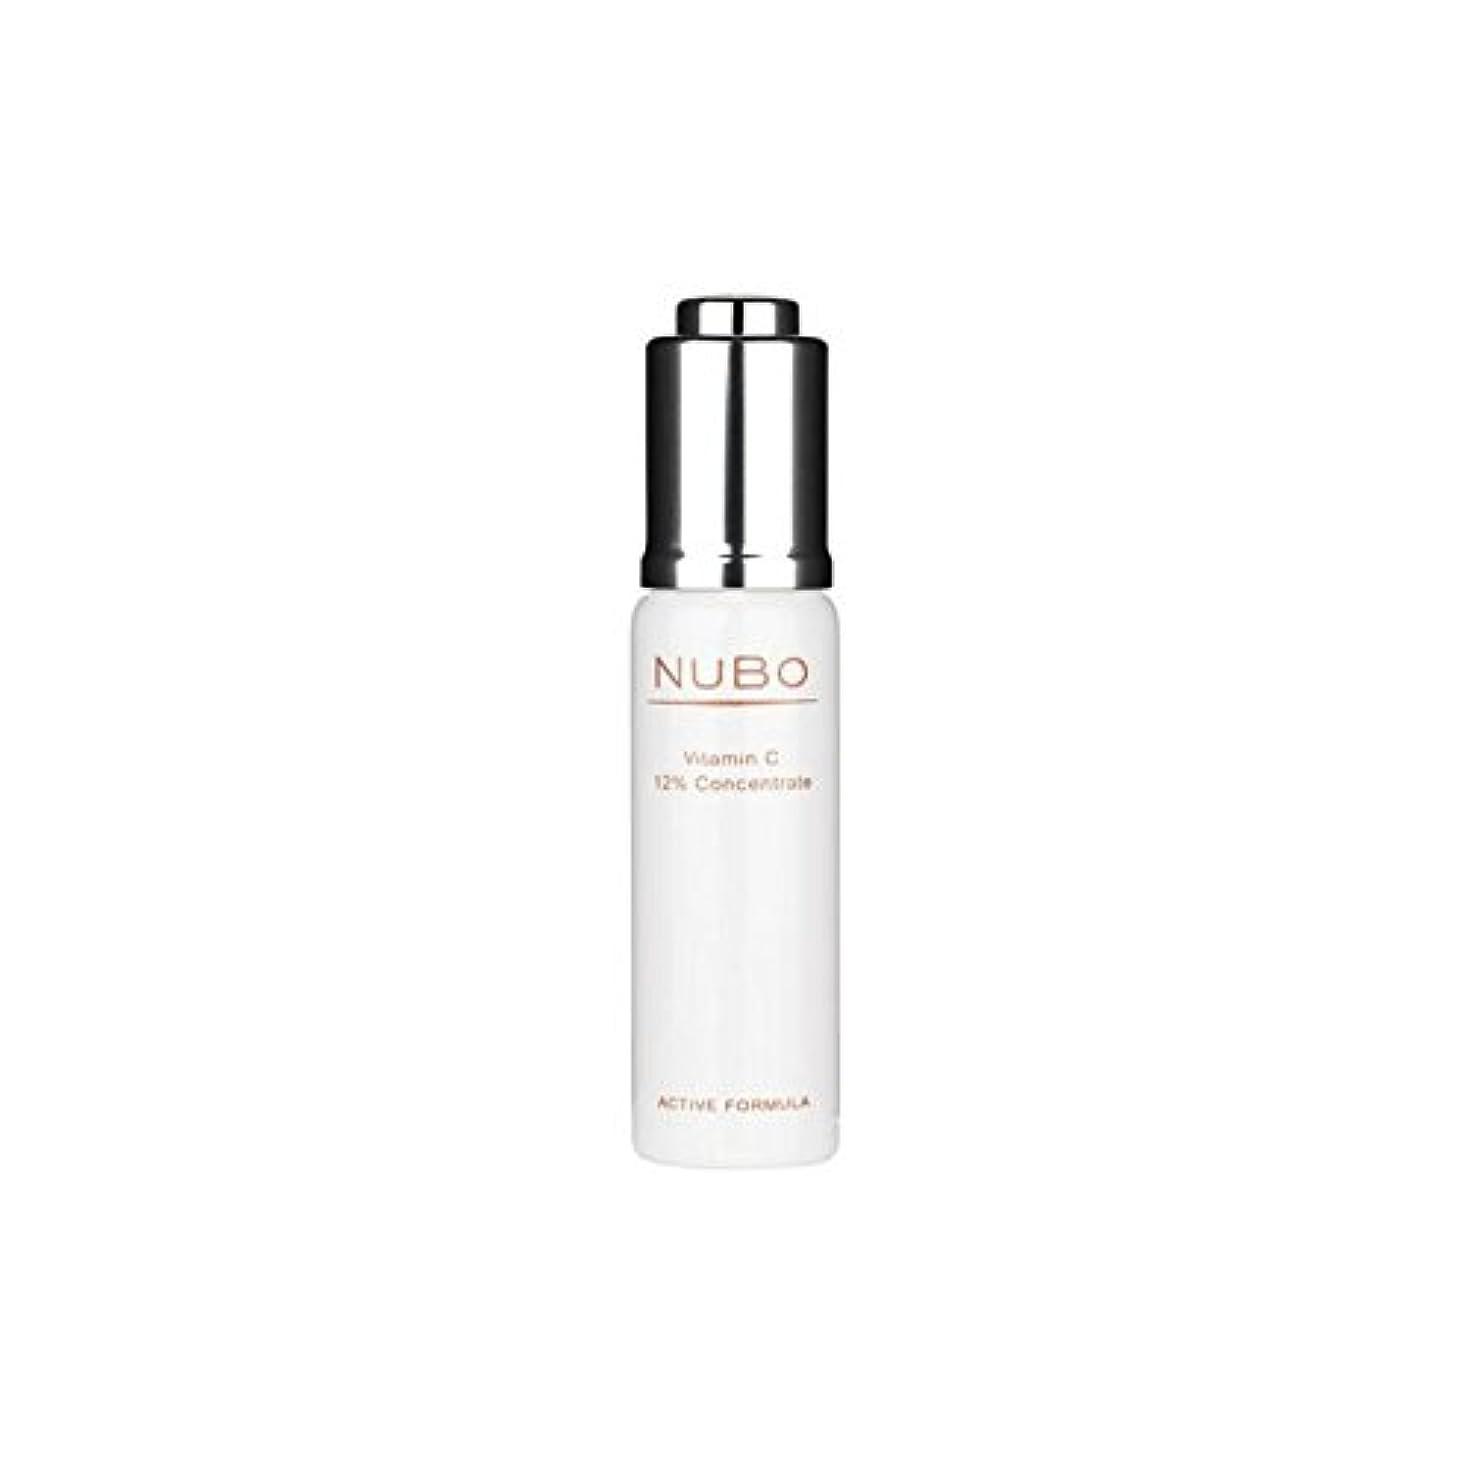 良い初期配管工ビタミン 12%の濃縮物(15ミリリットル) x4 - Nubo Vitamin C 12% Concentrate (15ml) (Pack of 4) [並行輸入品]